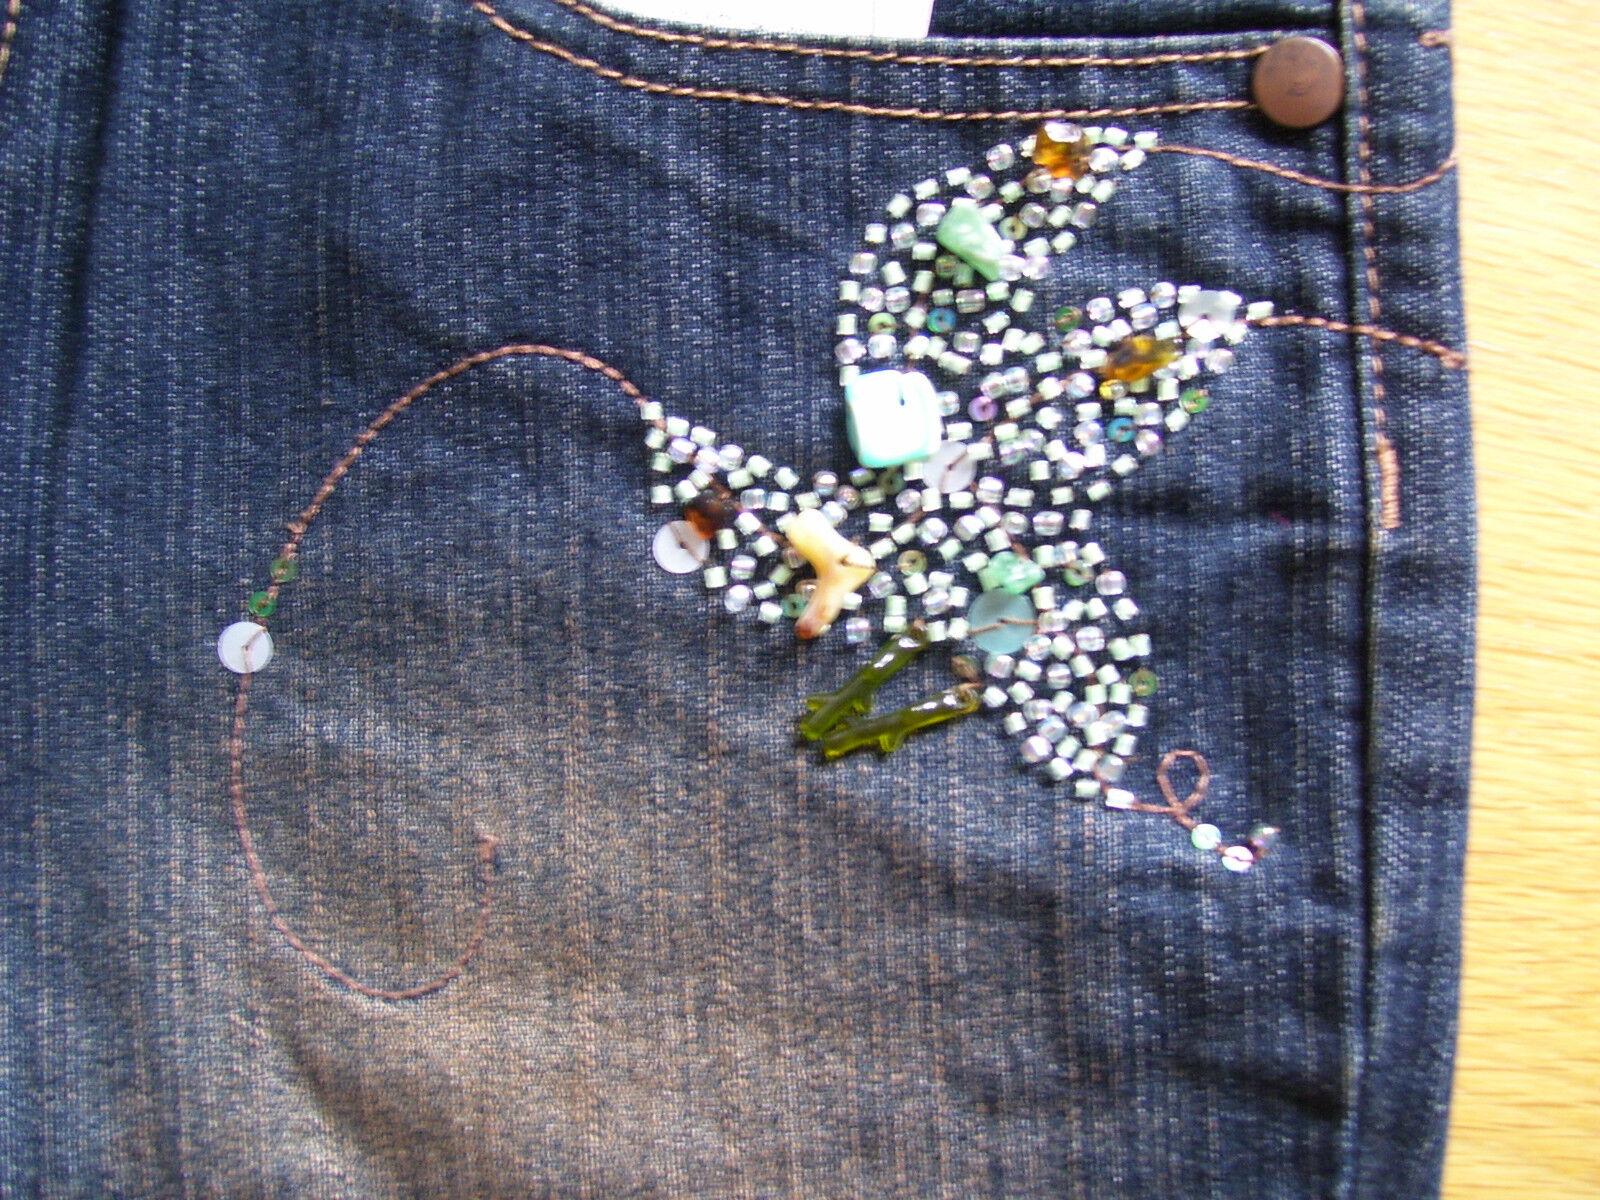 Designer Designer Designer Damen Stretch Jeans Hose Stiefelcut Perlen Pailetten Gr 36 L33 NEU | Quality First  | Einfach zu spielen, freies Leben  | Ausgezeichneter Wert  | Exzellente Verarbeitung  | Für Ihre Wahl  efa886